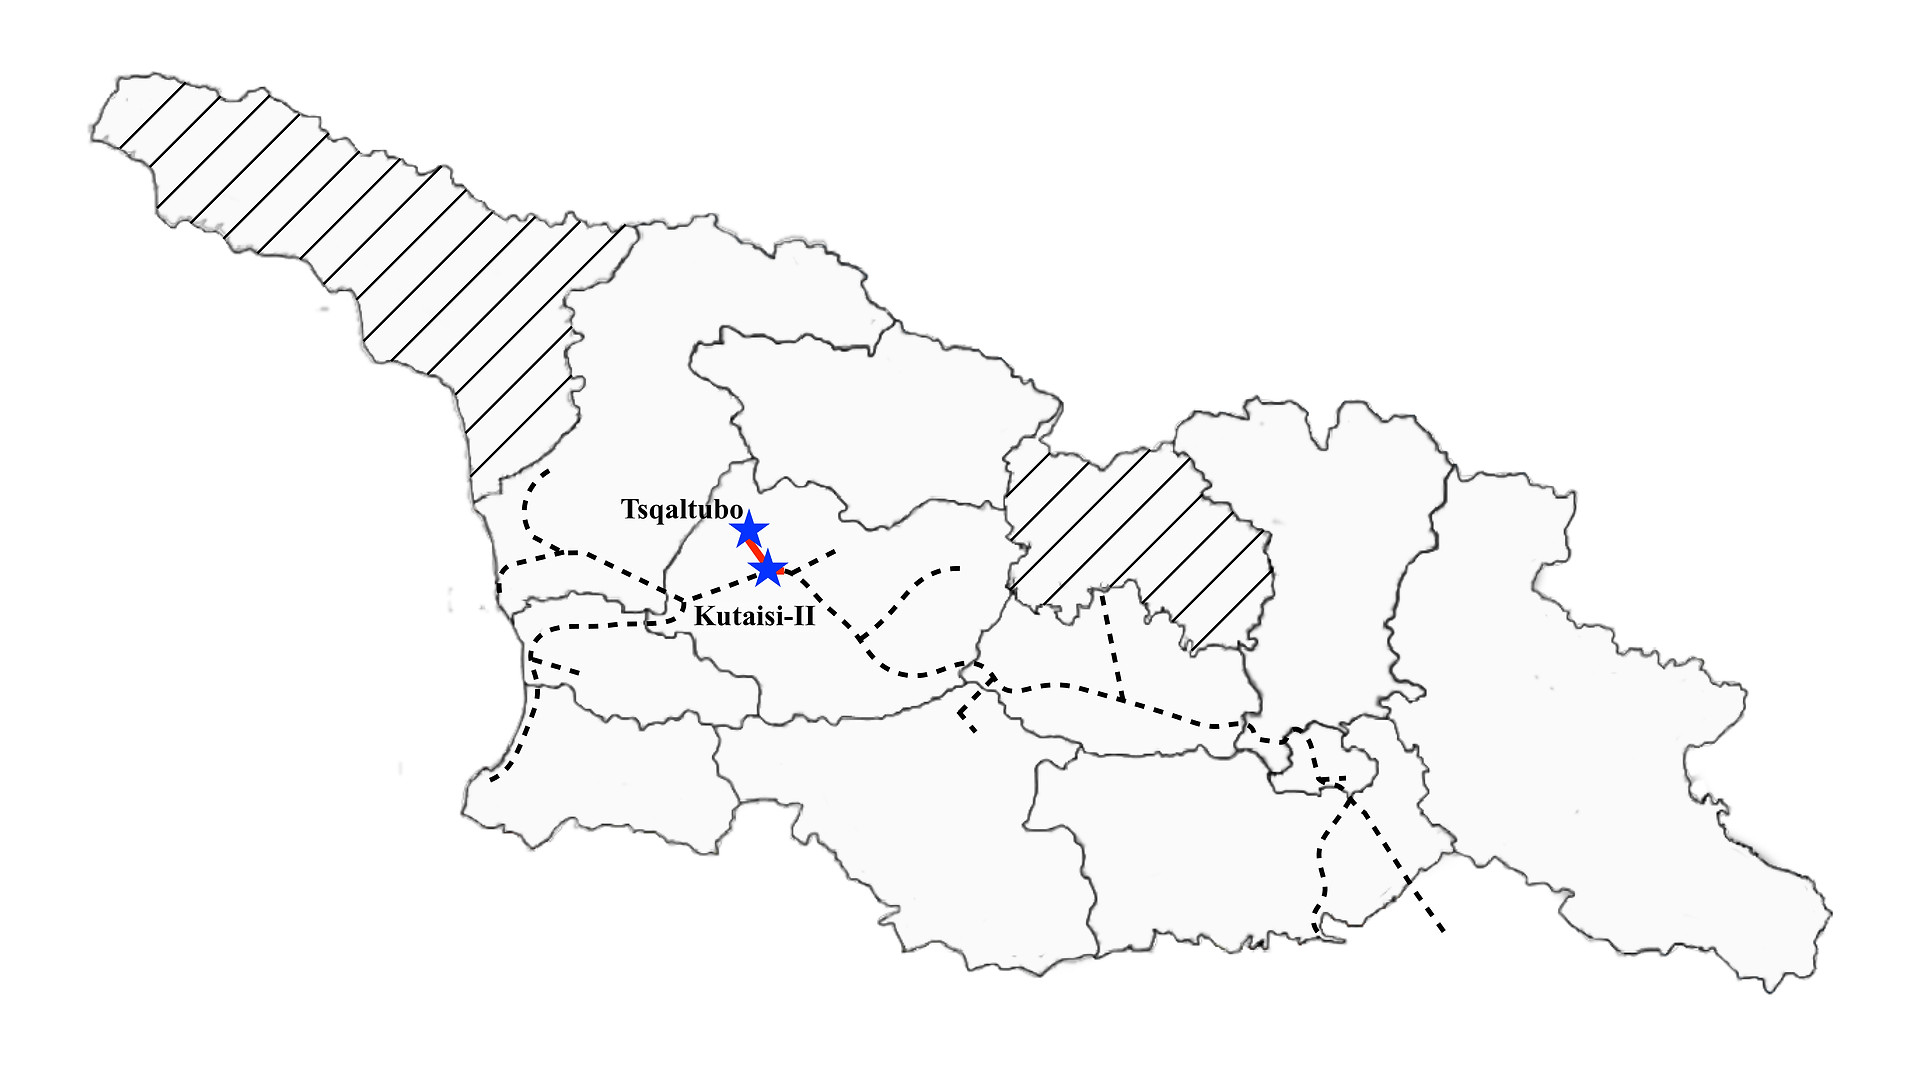 Tsqaltubo to Kutaisi II